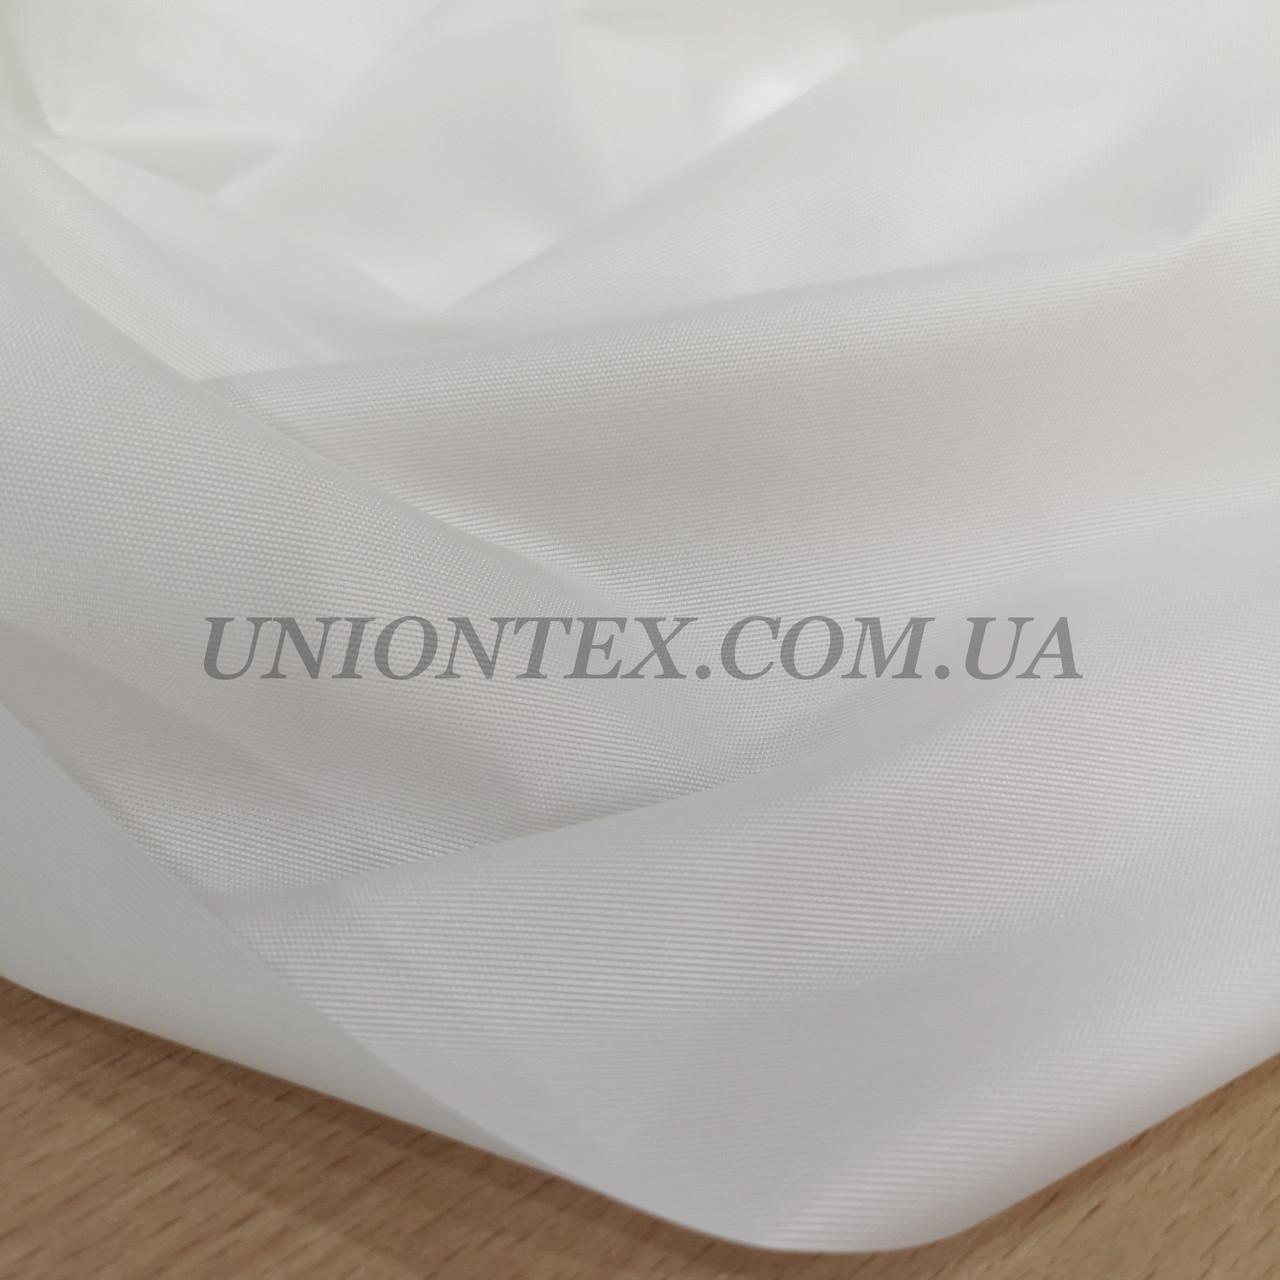 Ткань оксфорд 340D белый (135 г/м.кв)